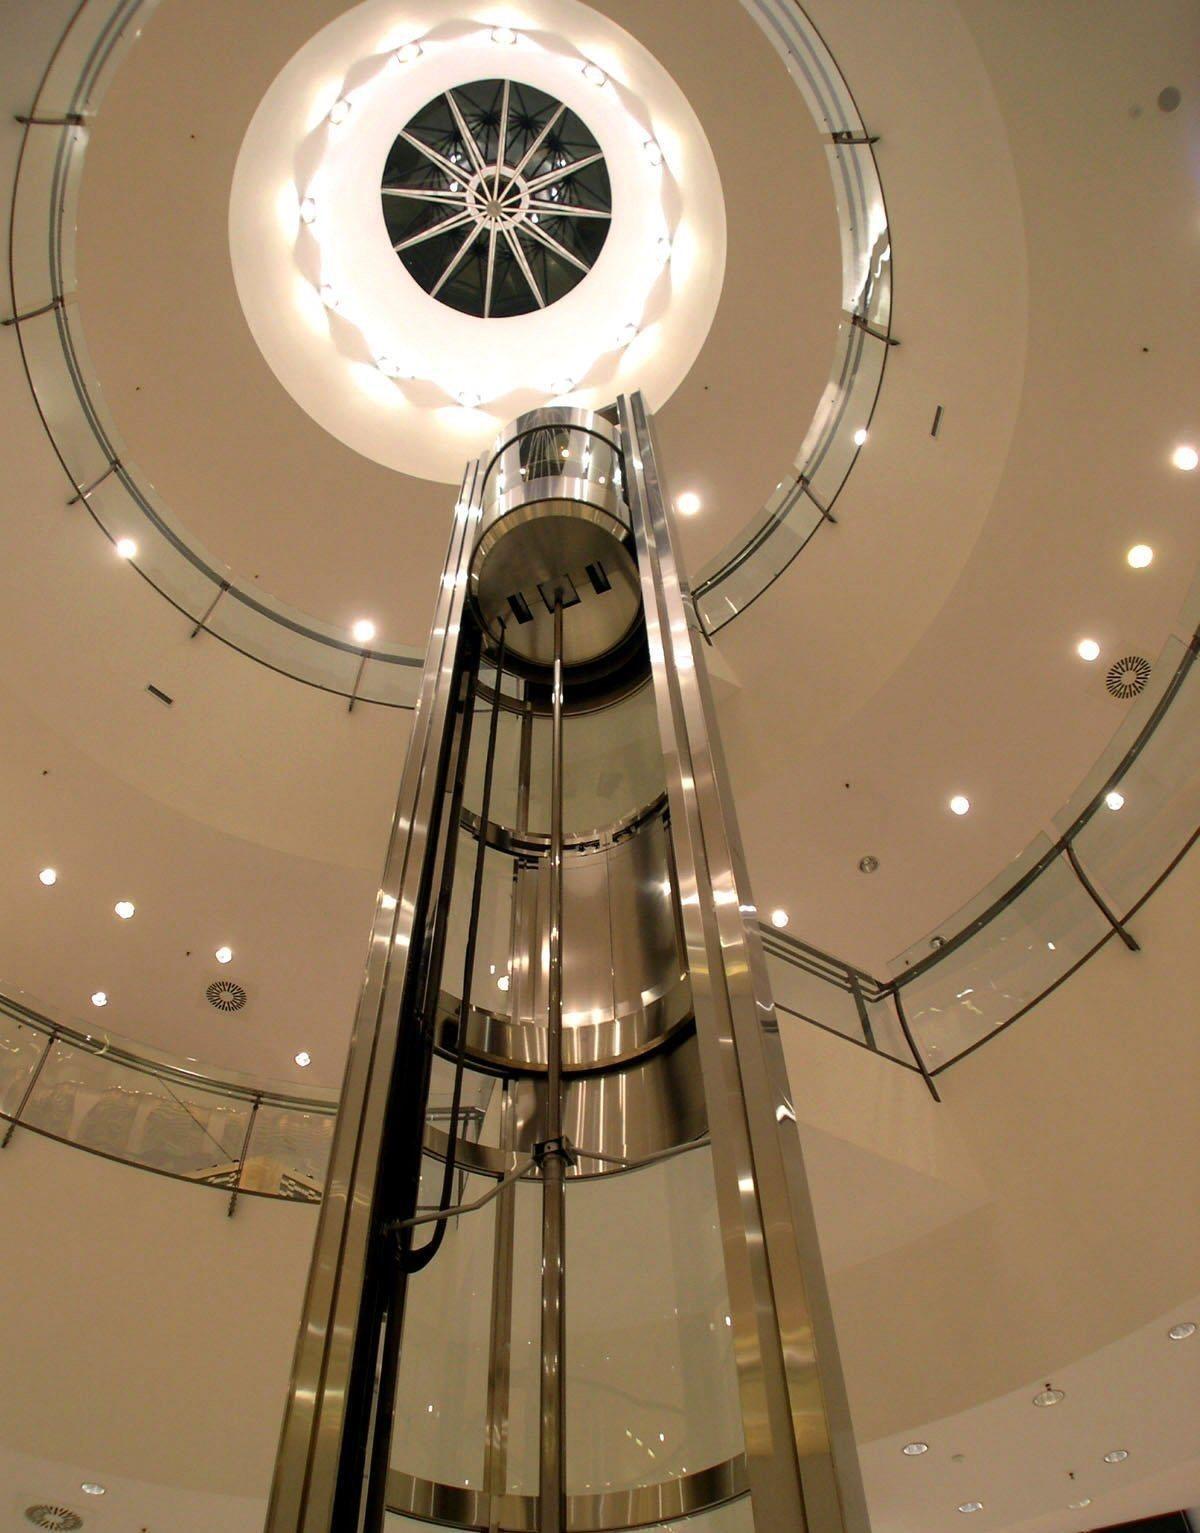 Era ascensori ascensori panoramici for Ascensore dimensioni